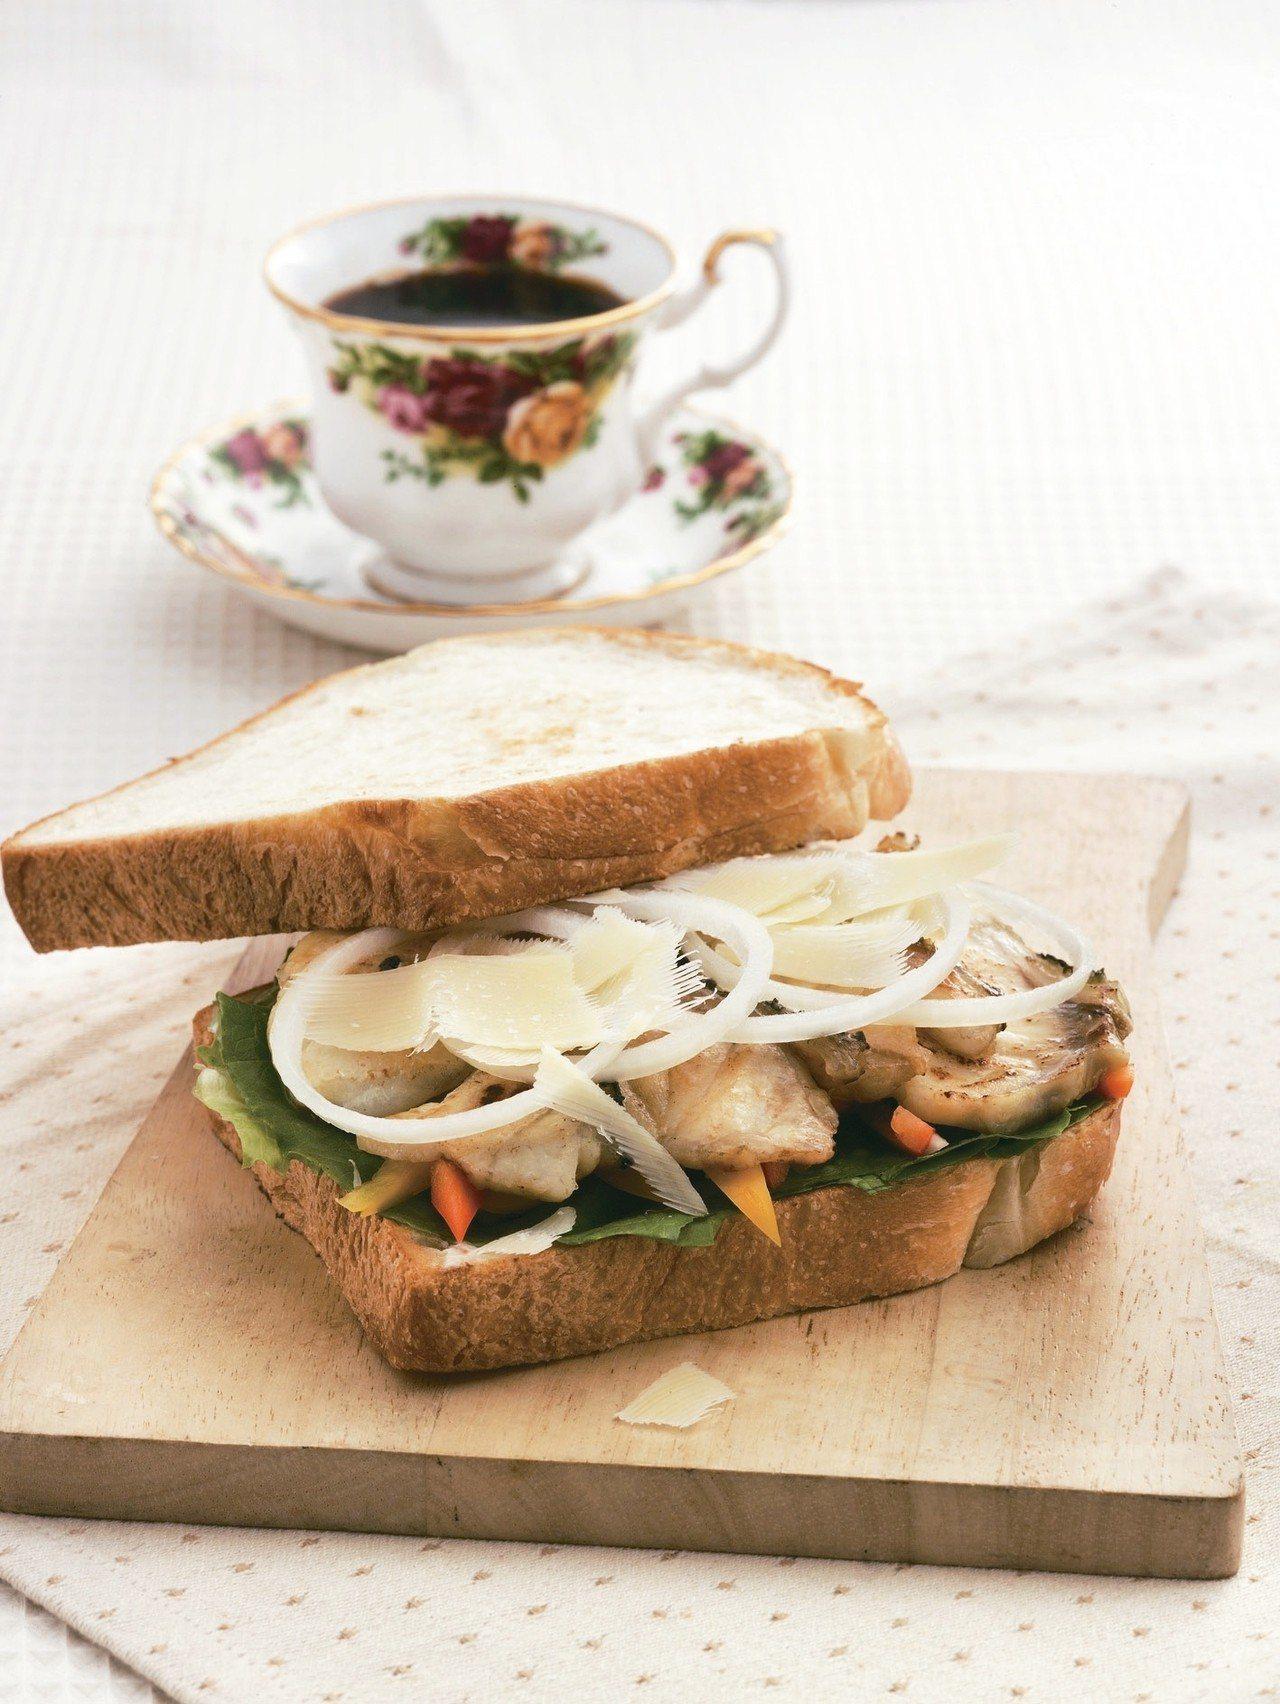 味噌烤魚三明治 圖/天和鮮物提供